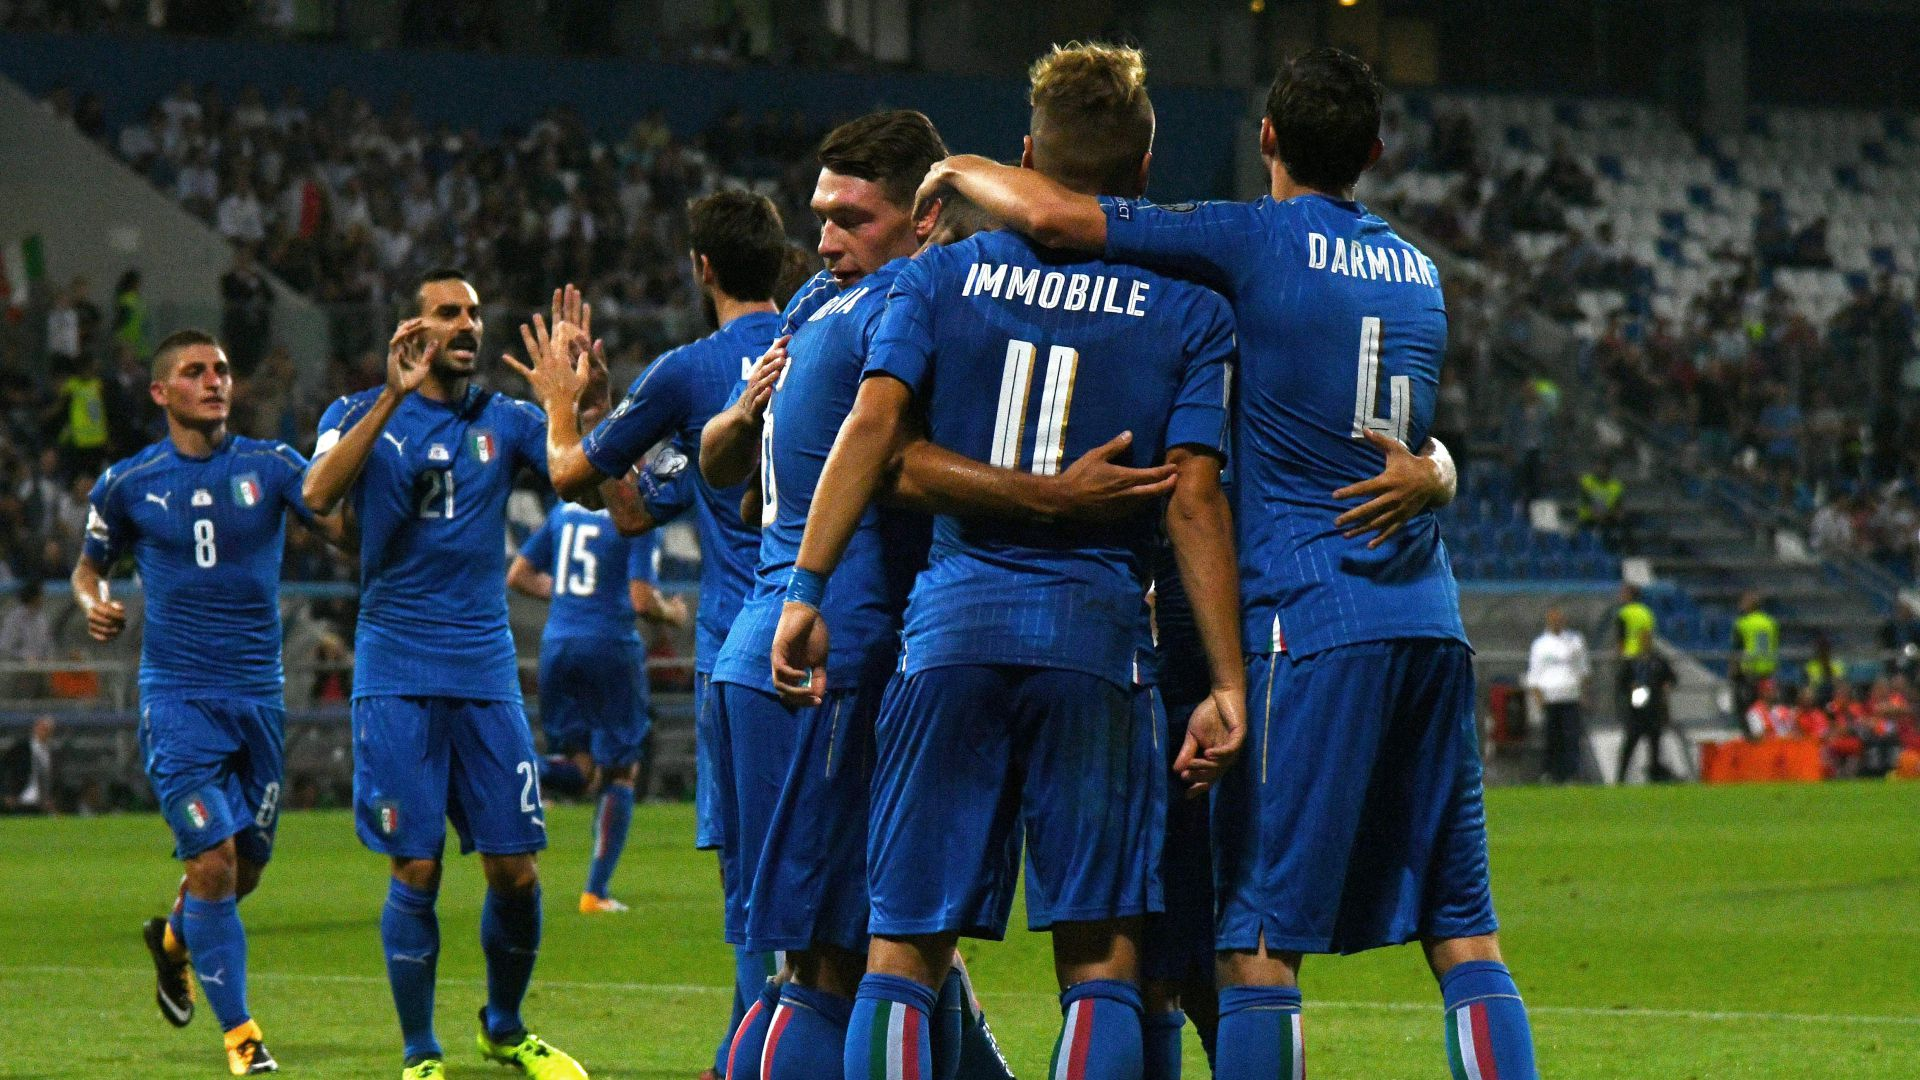 La nuova maglia dell'Italia per i Mondiali 2018